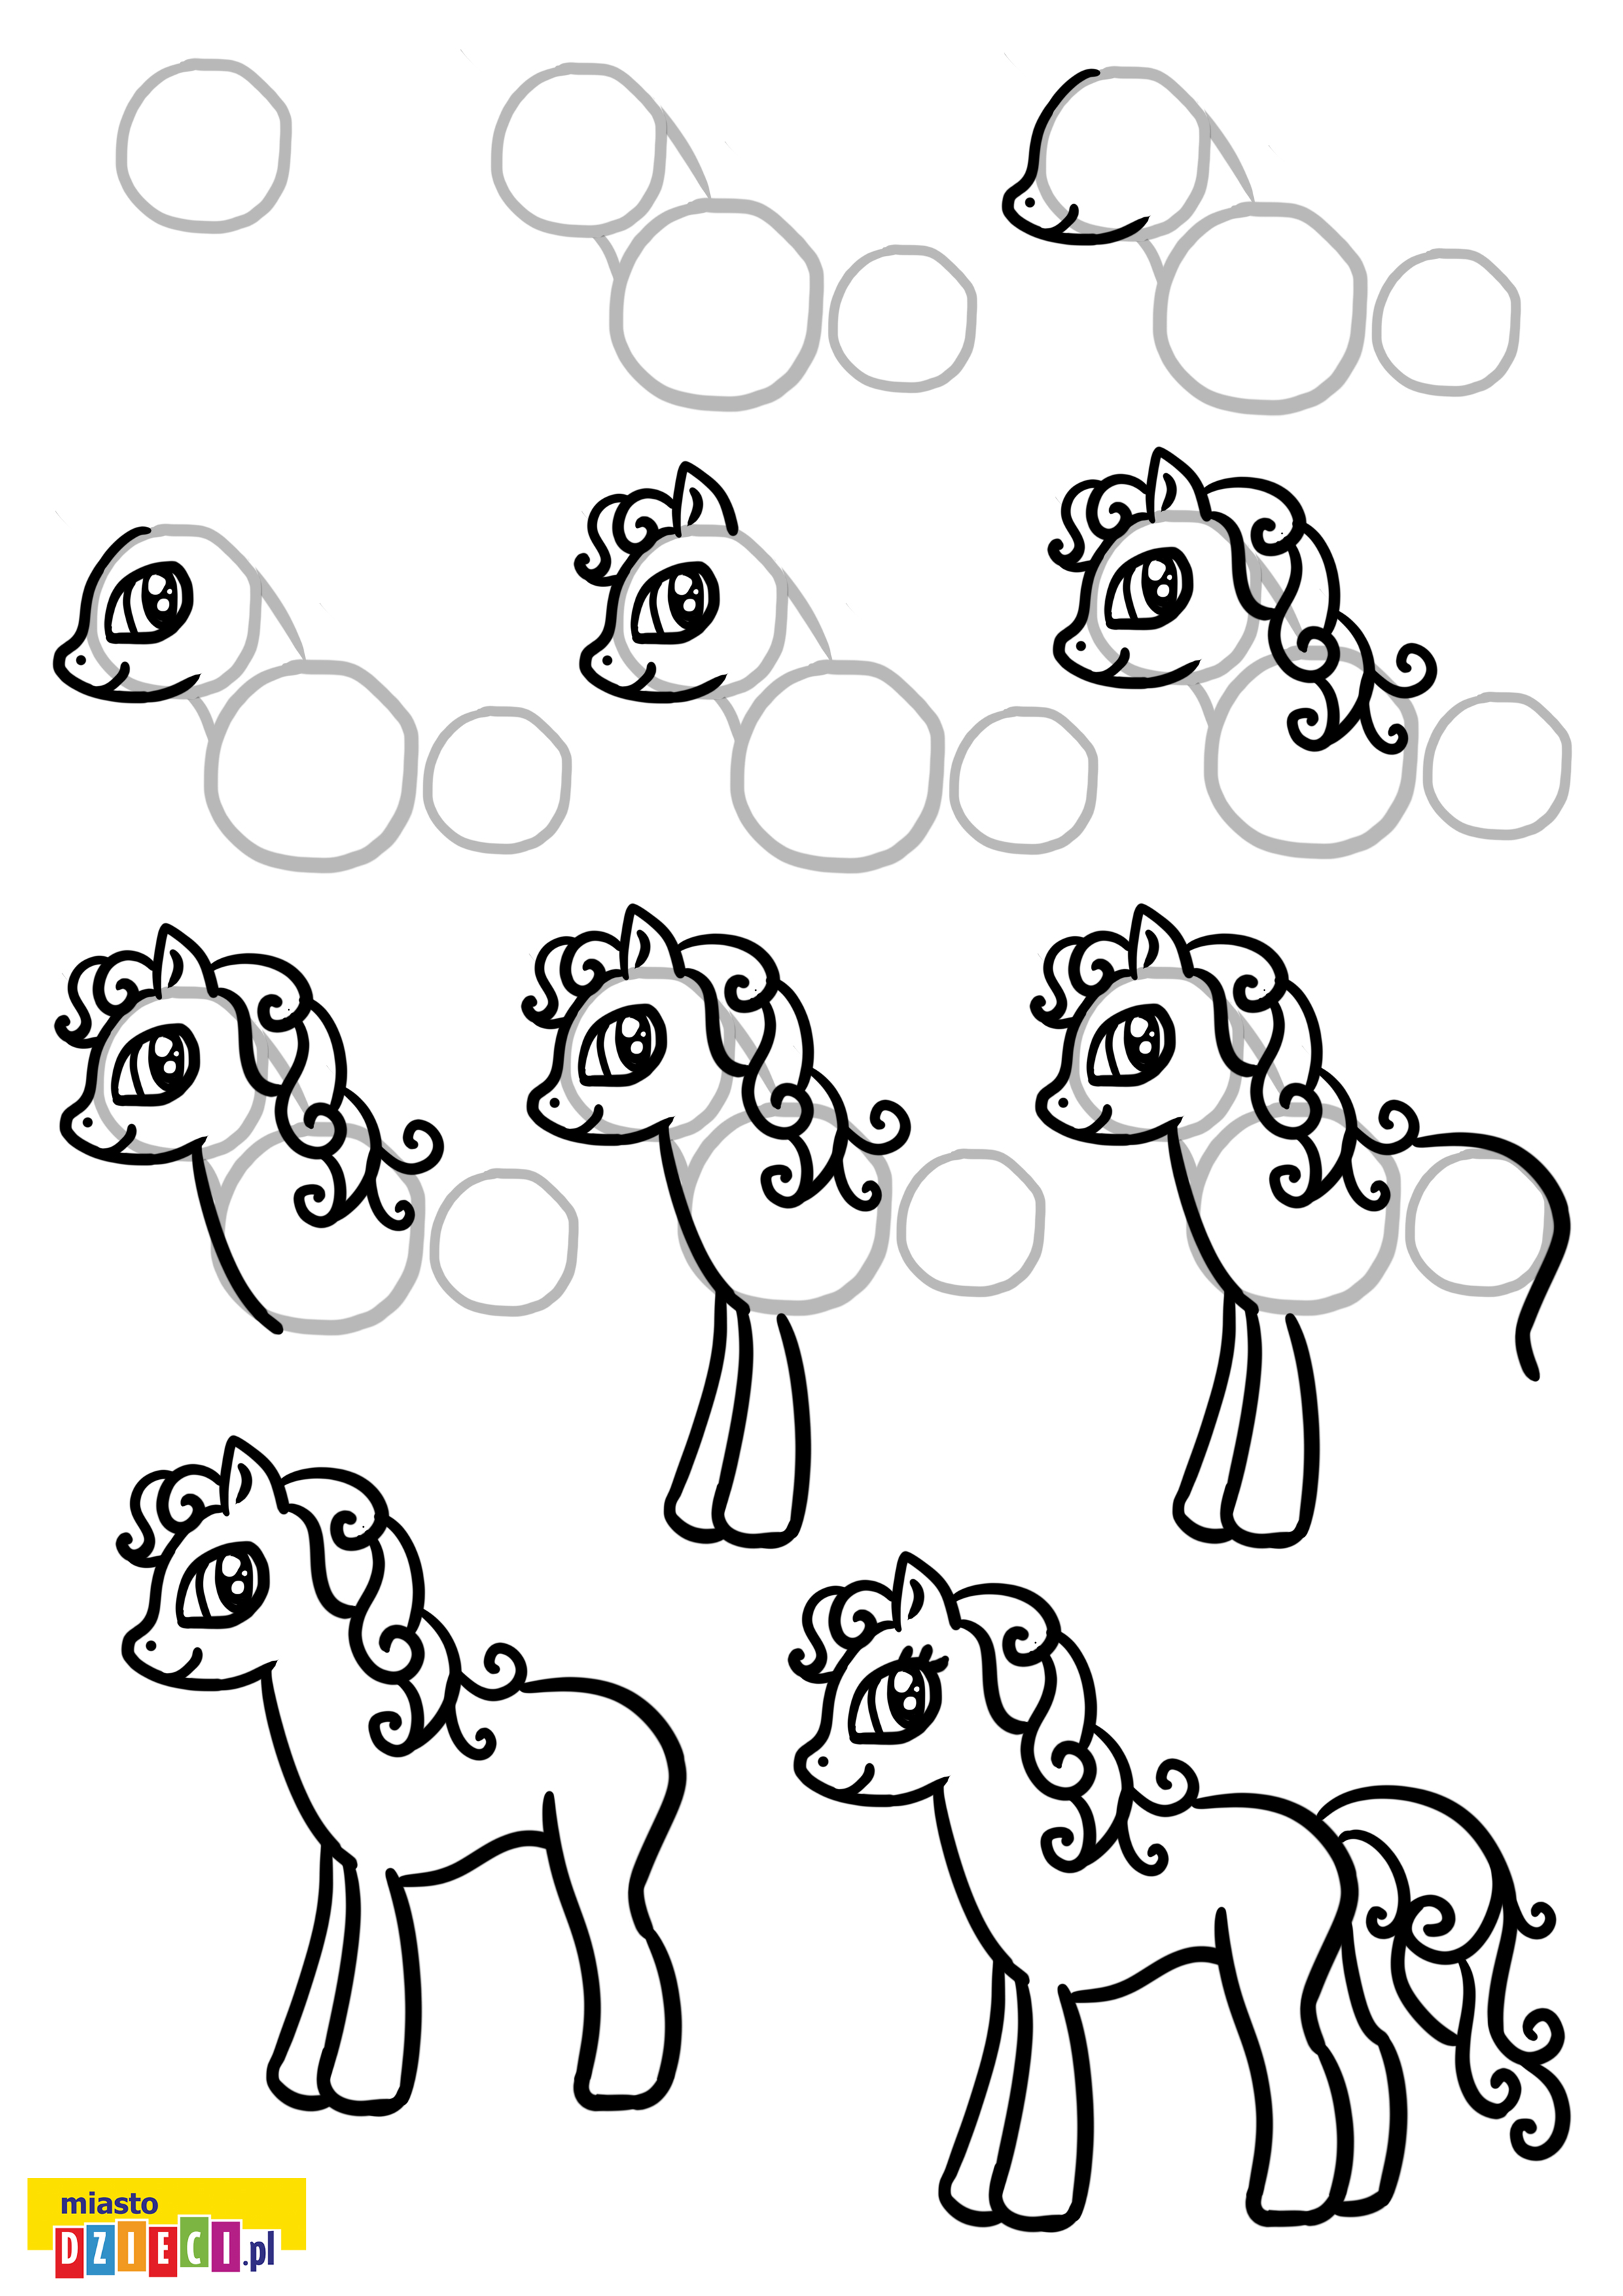 Jak narysować kucyka pony instrukcja rysowania dla dzieci krok po kroku